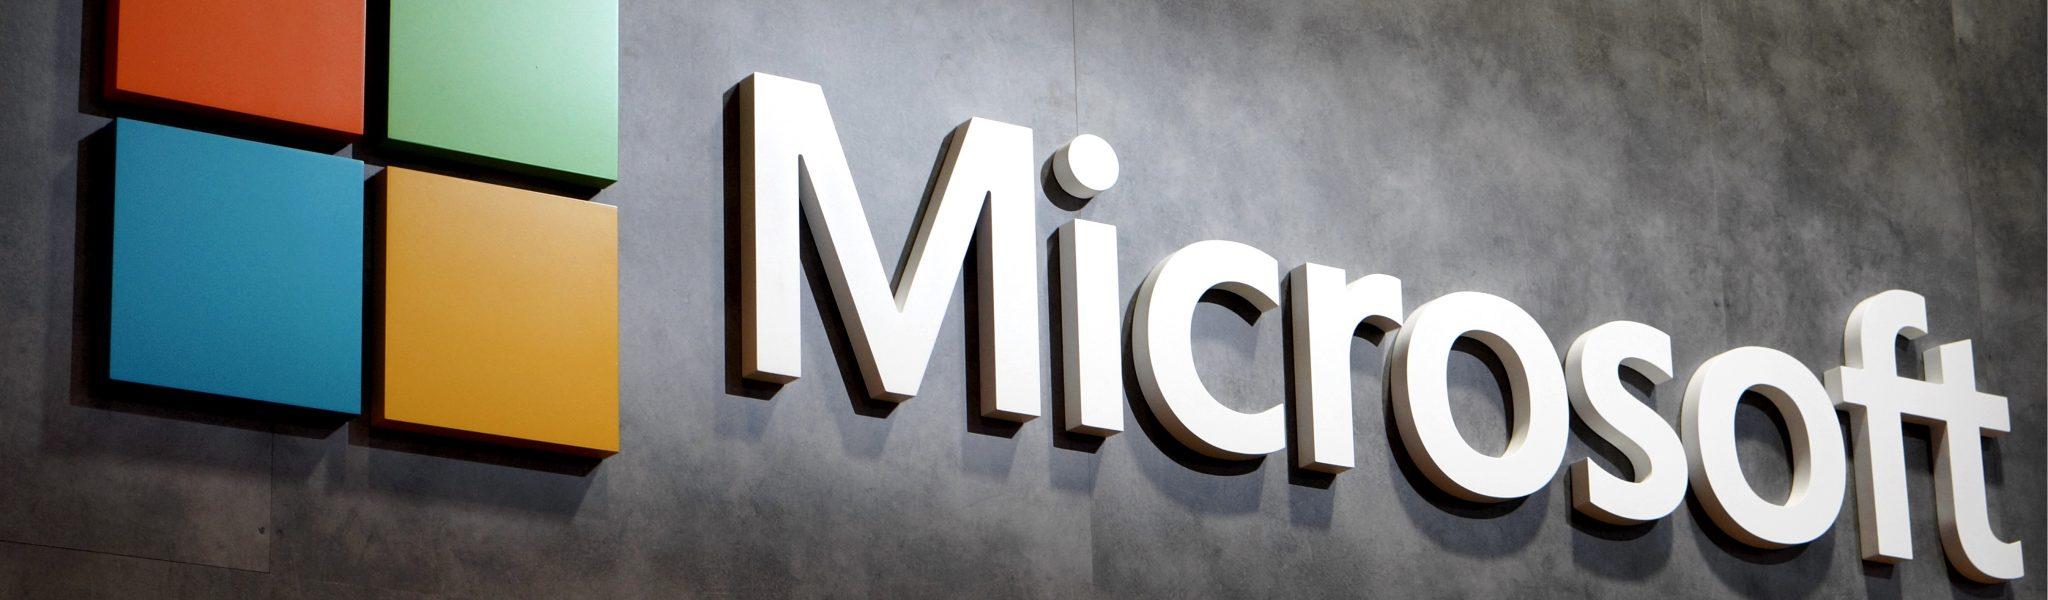 Microsoft celebra três décadas em Portugal